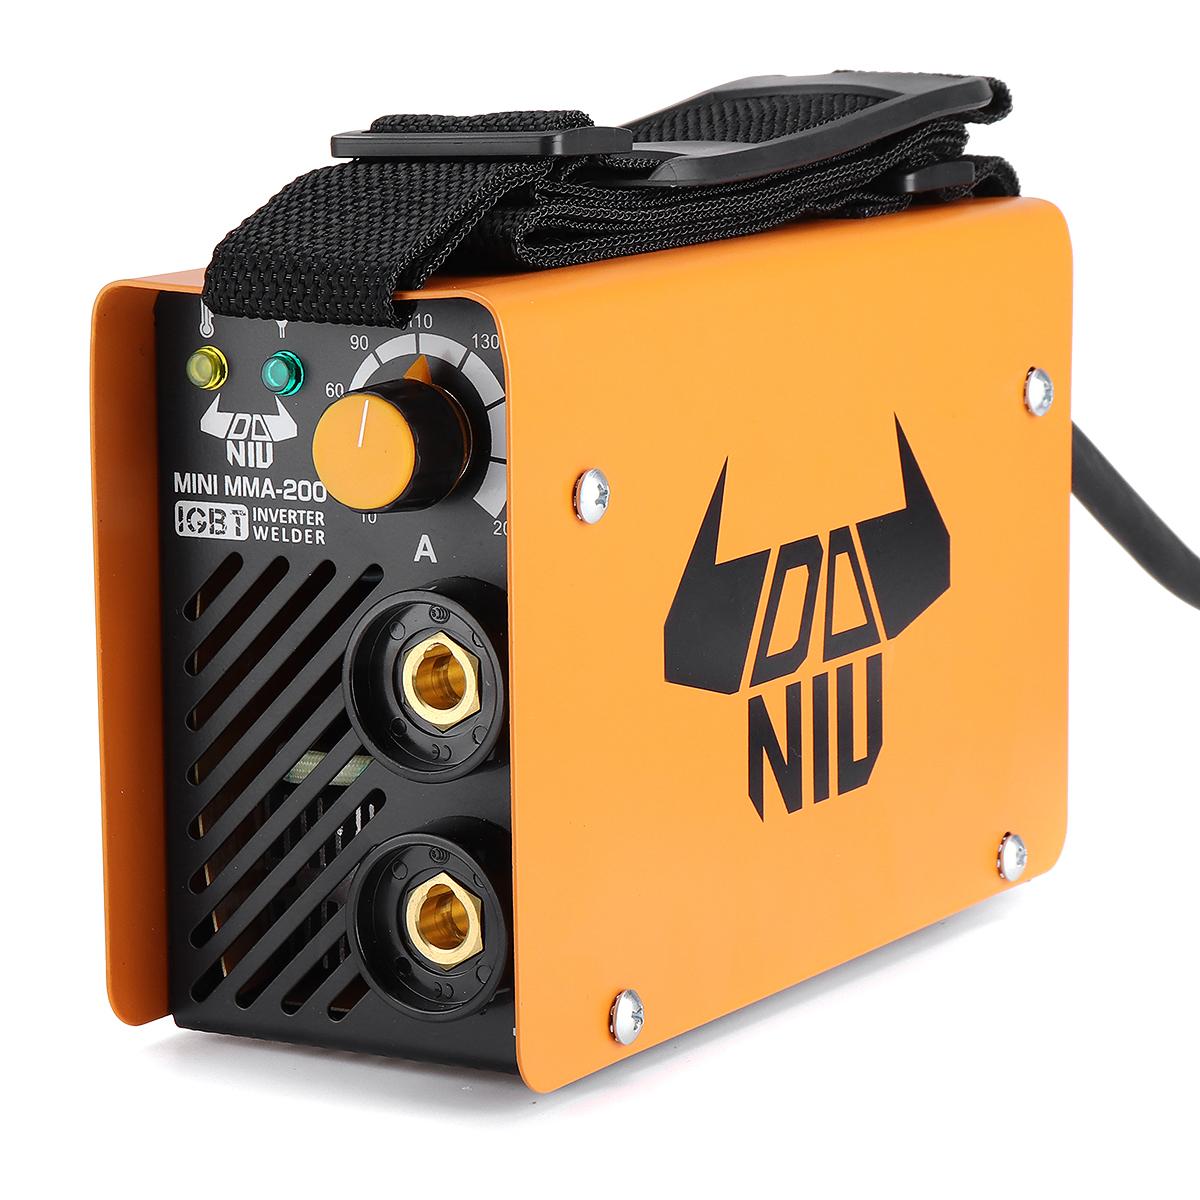 DANIU MINI MMA-200 EU Plug AC230V 200A Portable IGBT DC MMA Inverter Arc Electric Welding Machine